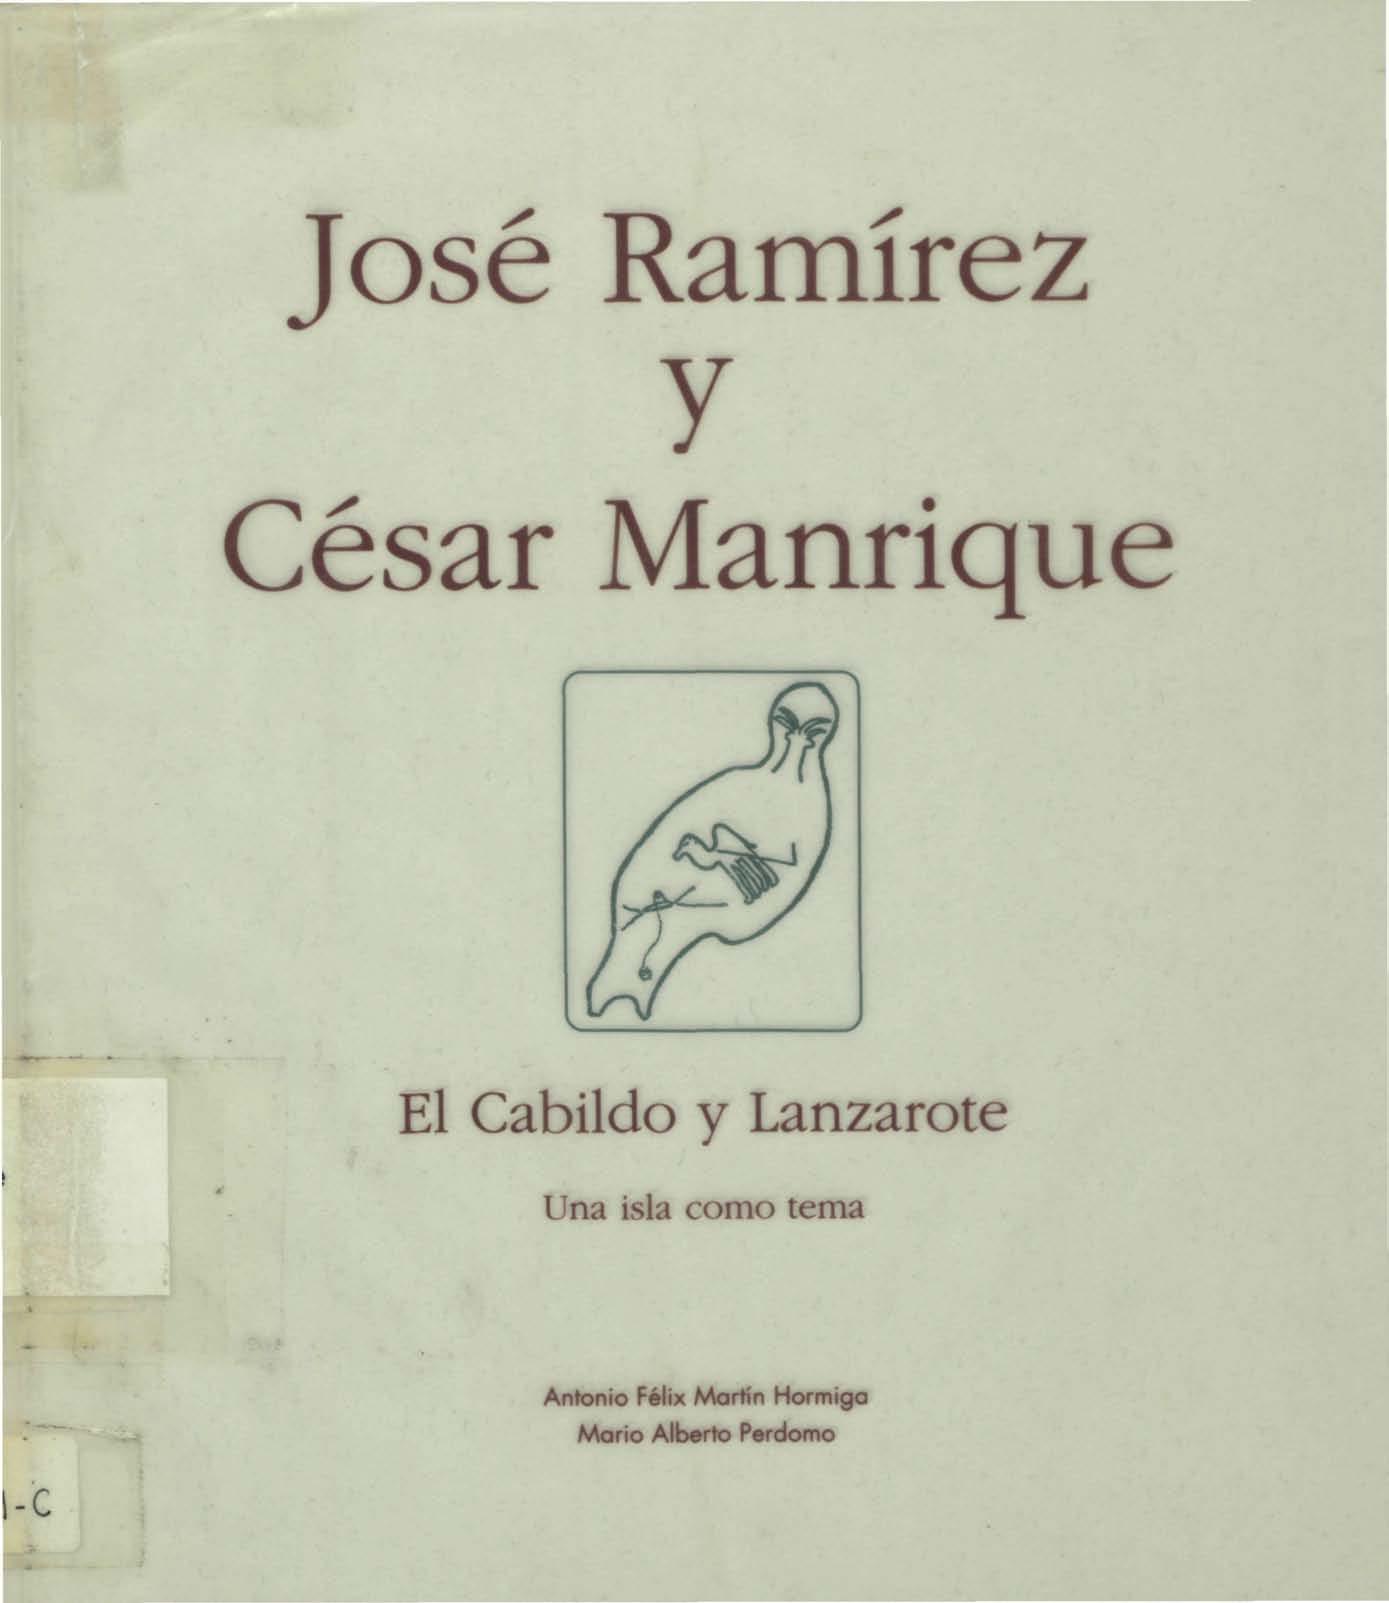 José Ramírez y César Manrique. El Cabildo y Lanzarote, una isla como tema